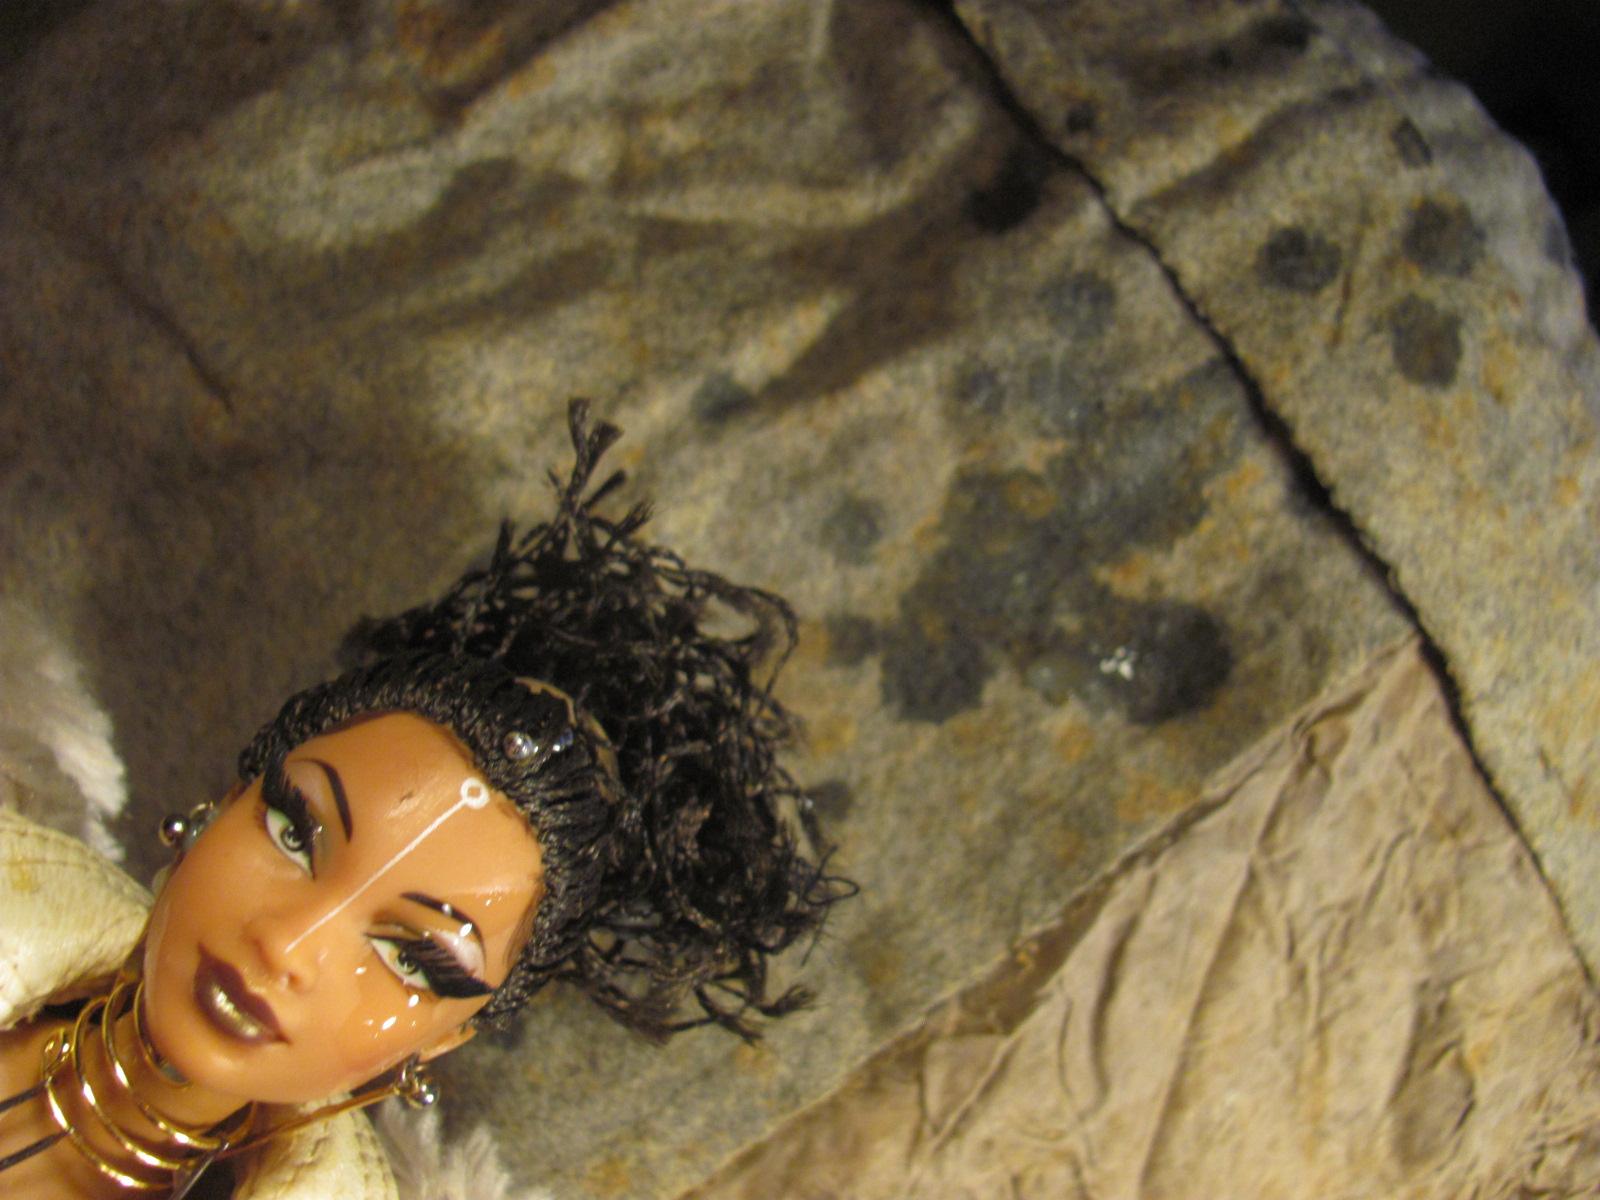 Фото bella moretti, Bella Moretti » Фапабельные голые девушки 11 фотография